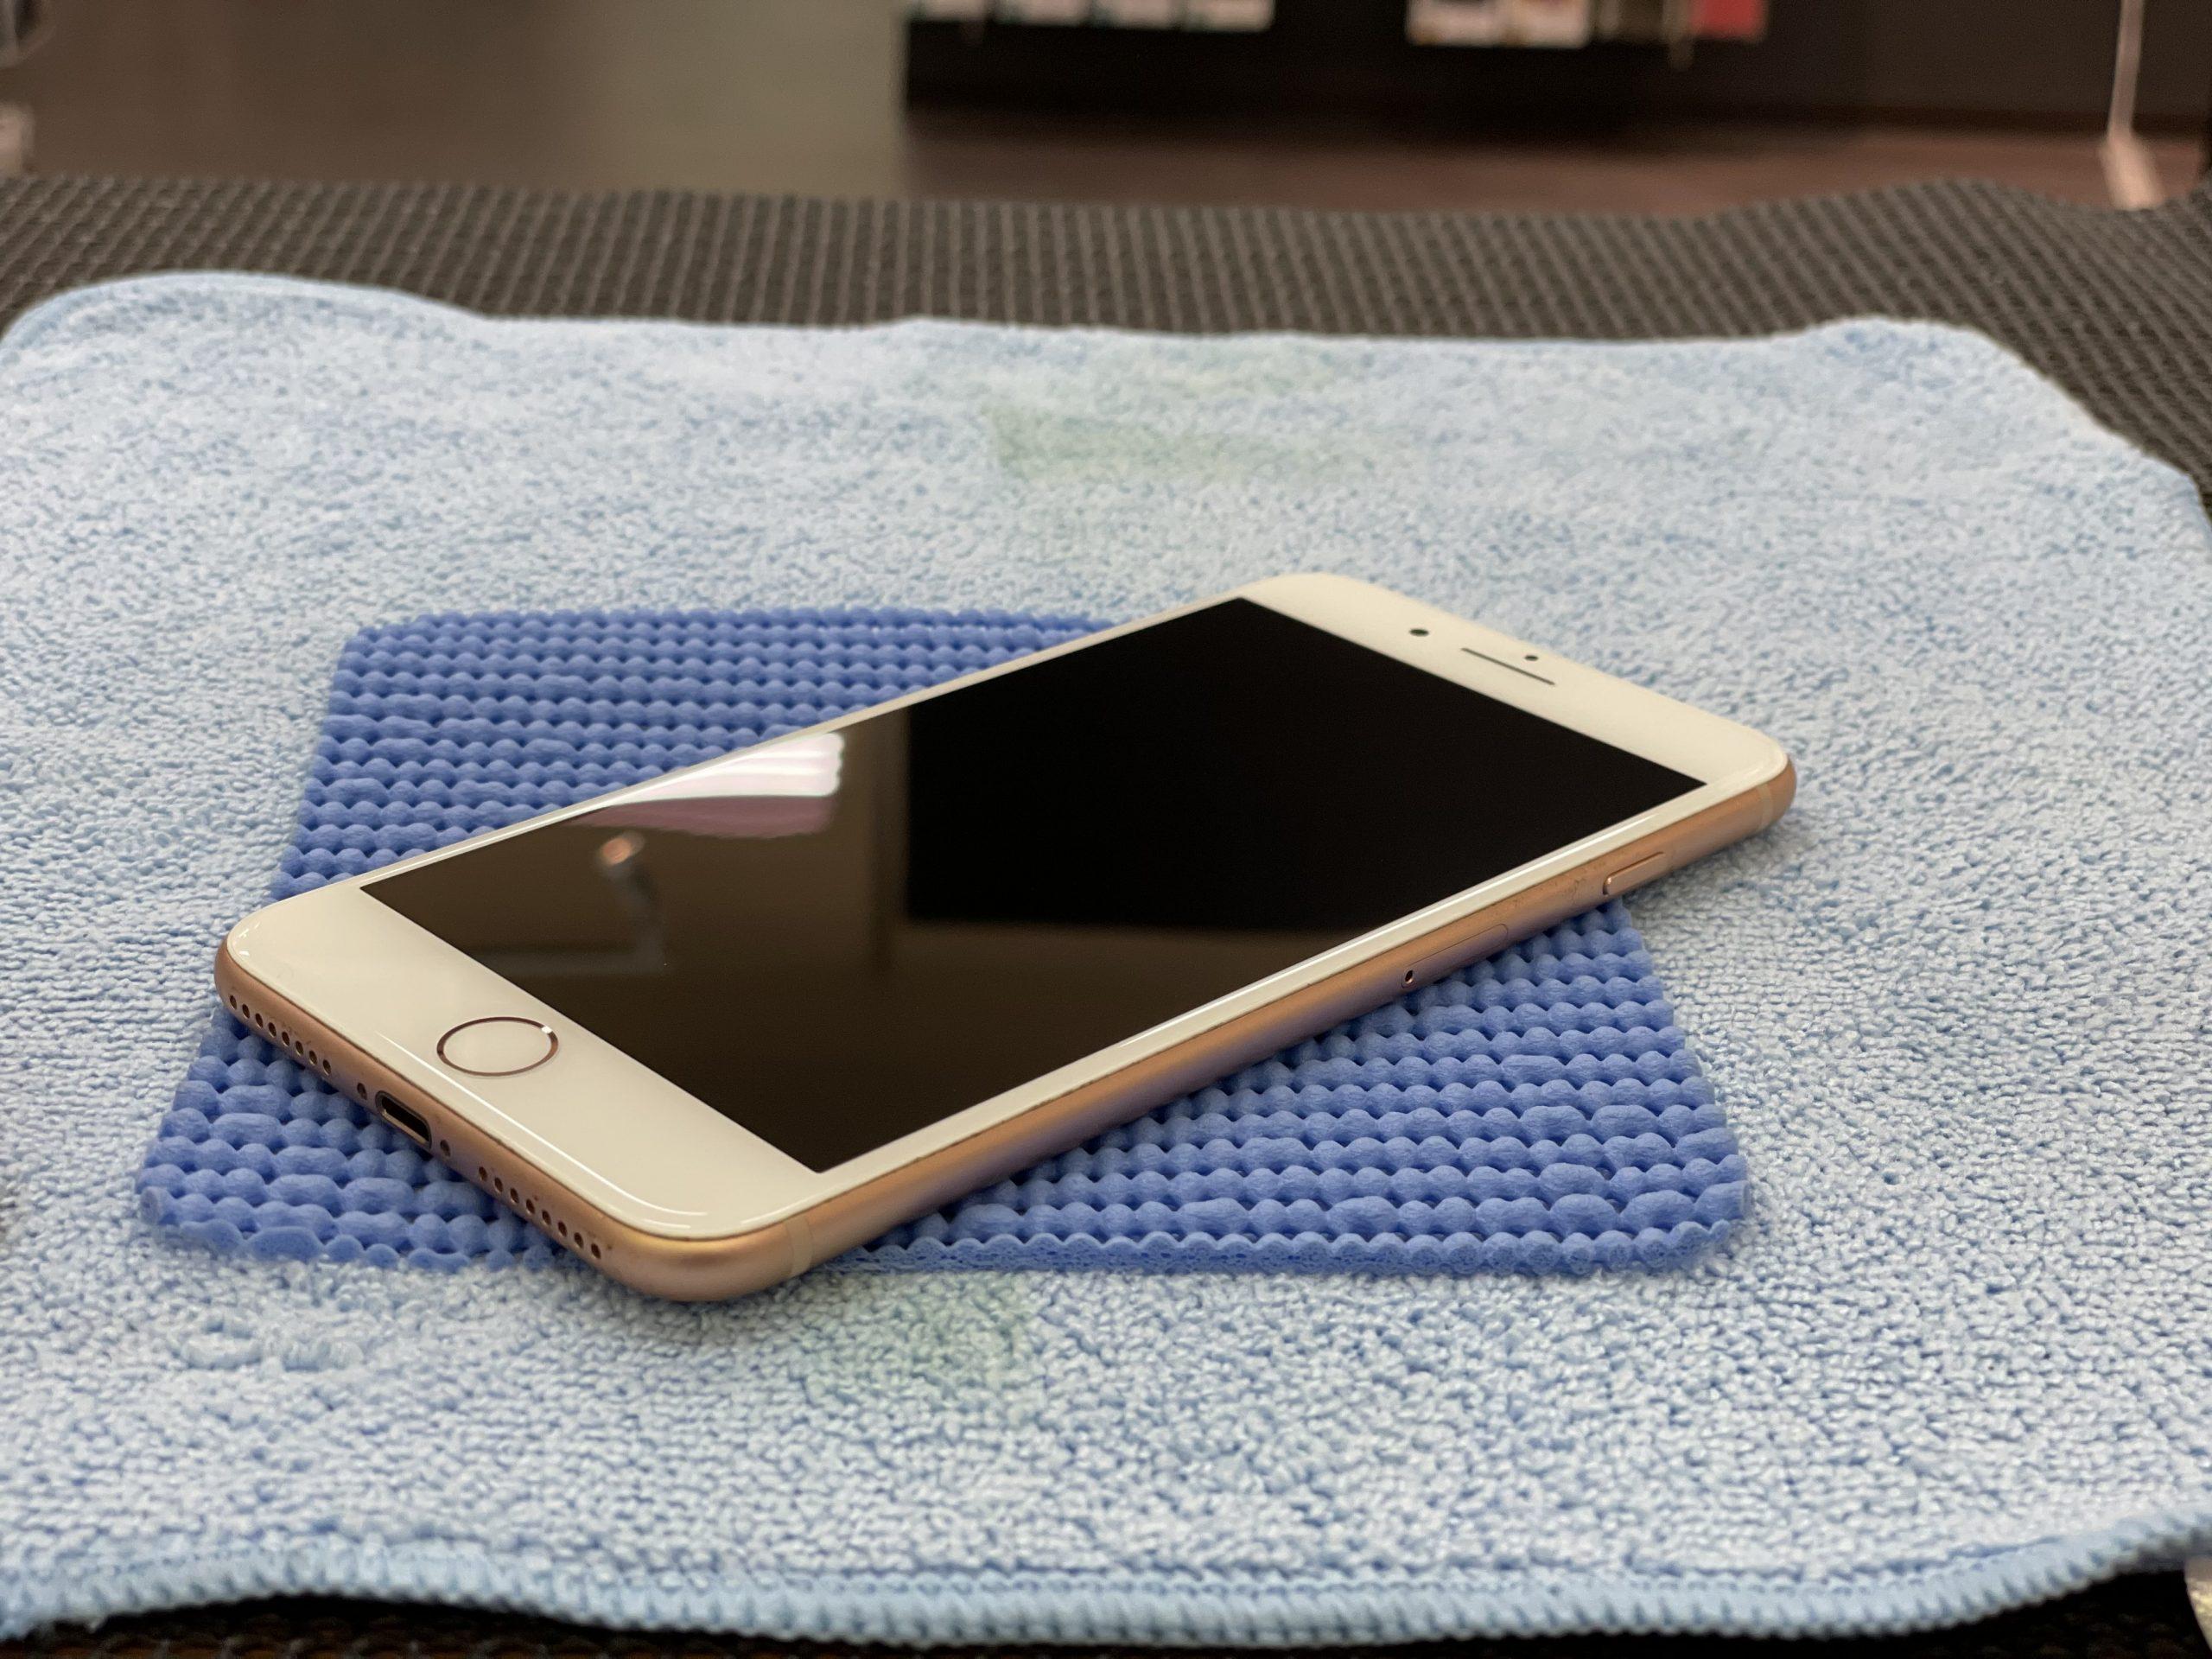 画面交換は高額ですよ〜😅【iPhone8|三養基郡よりご来店】